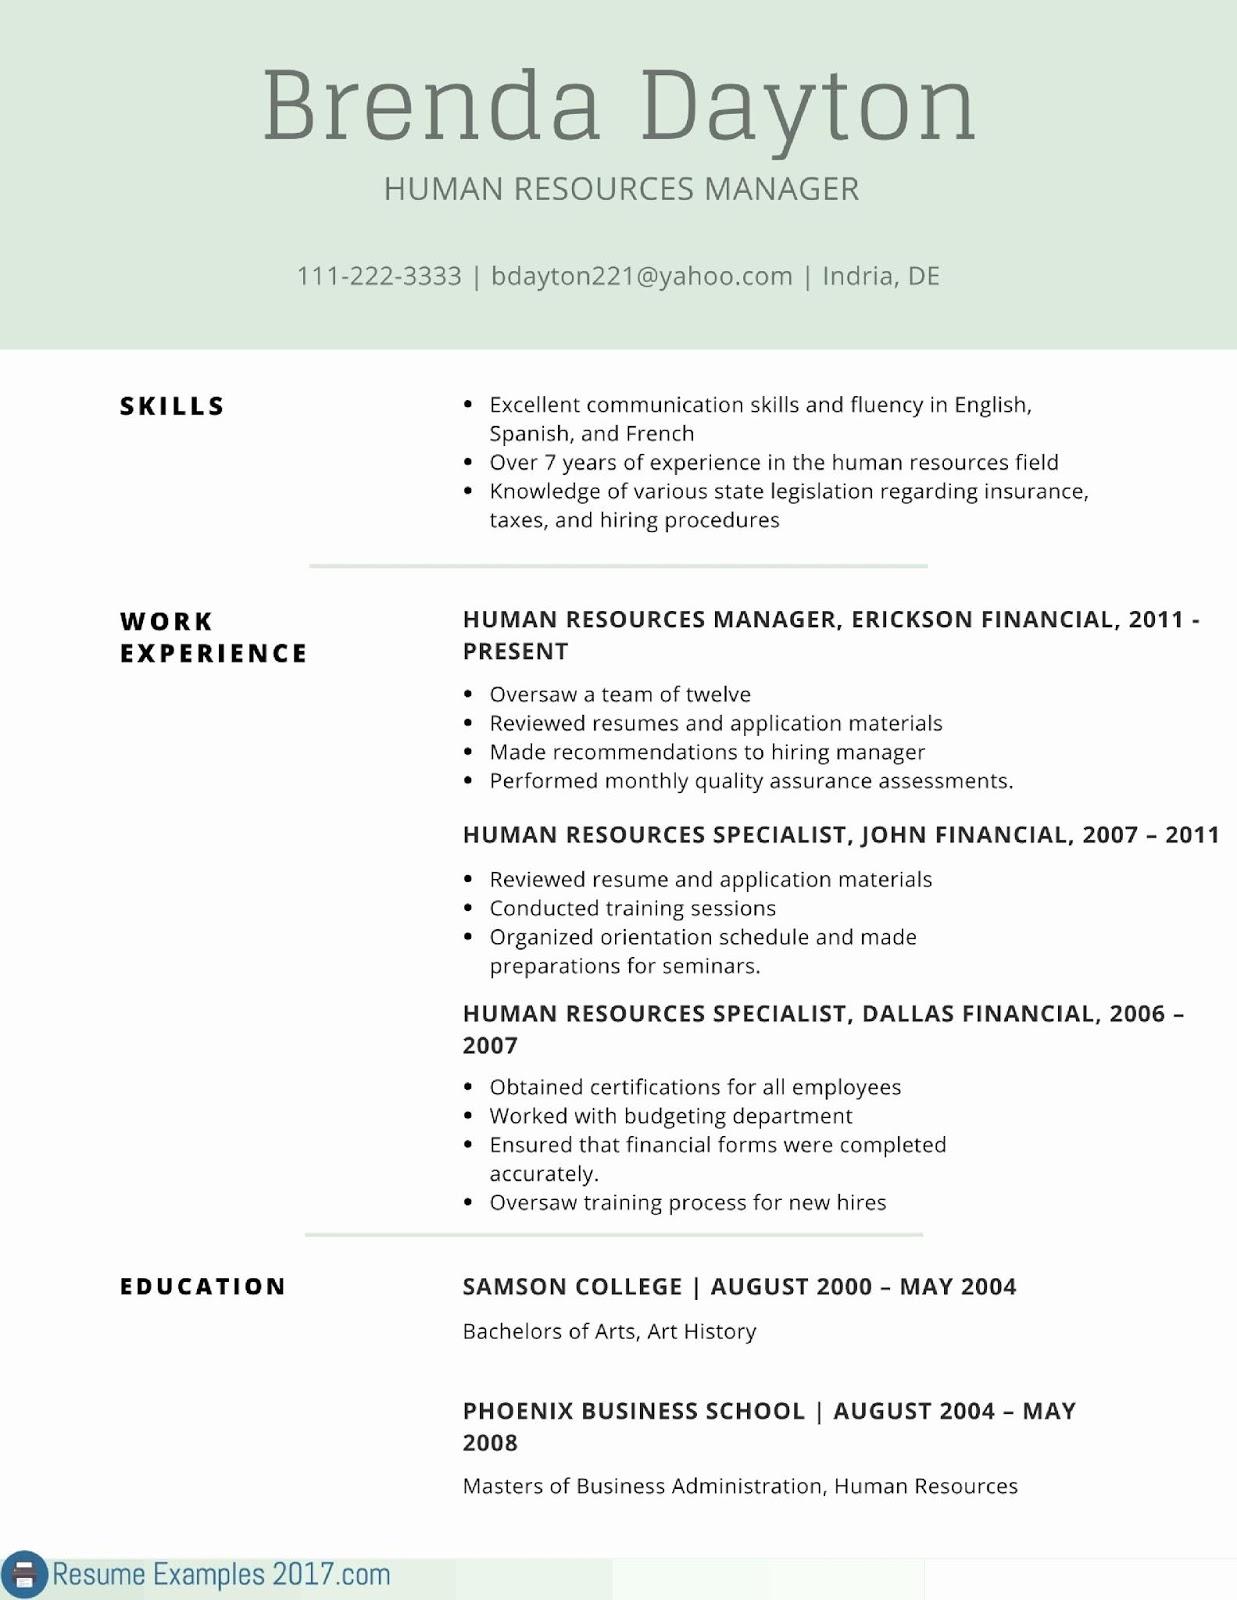 Attorney Resume Templates attorney resume templates microsoft word legal resume templates law resume templates attorney resume examples Attorney Resume Templates 2019 legal resume templates word free attorney resume templates legal resume template australia